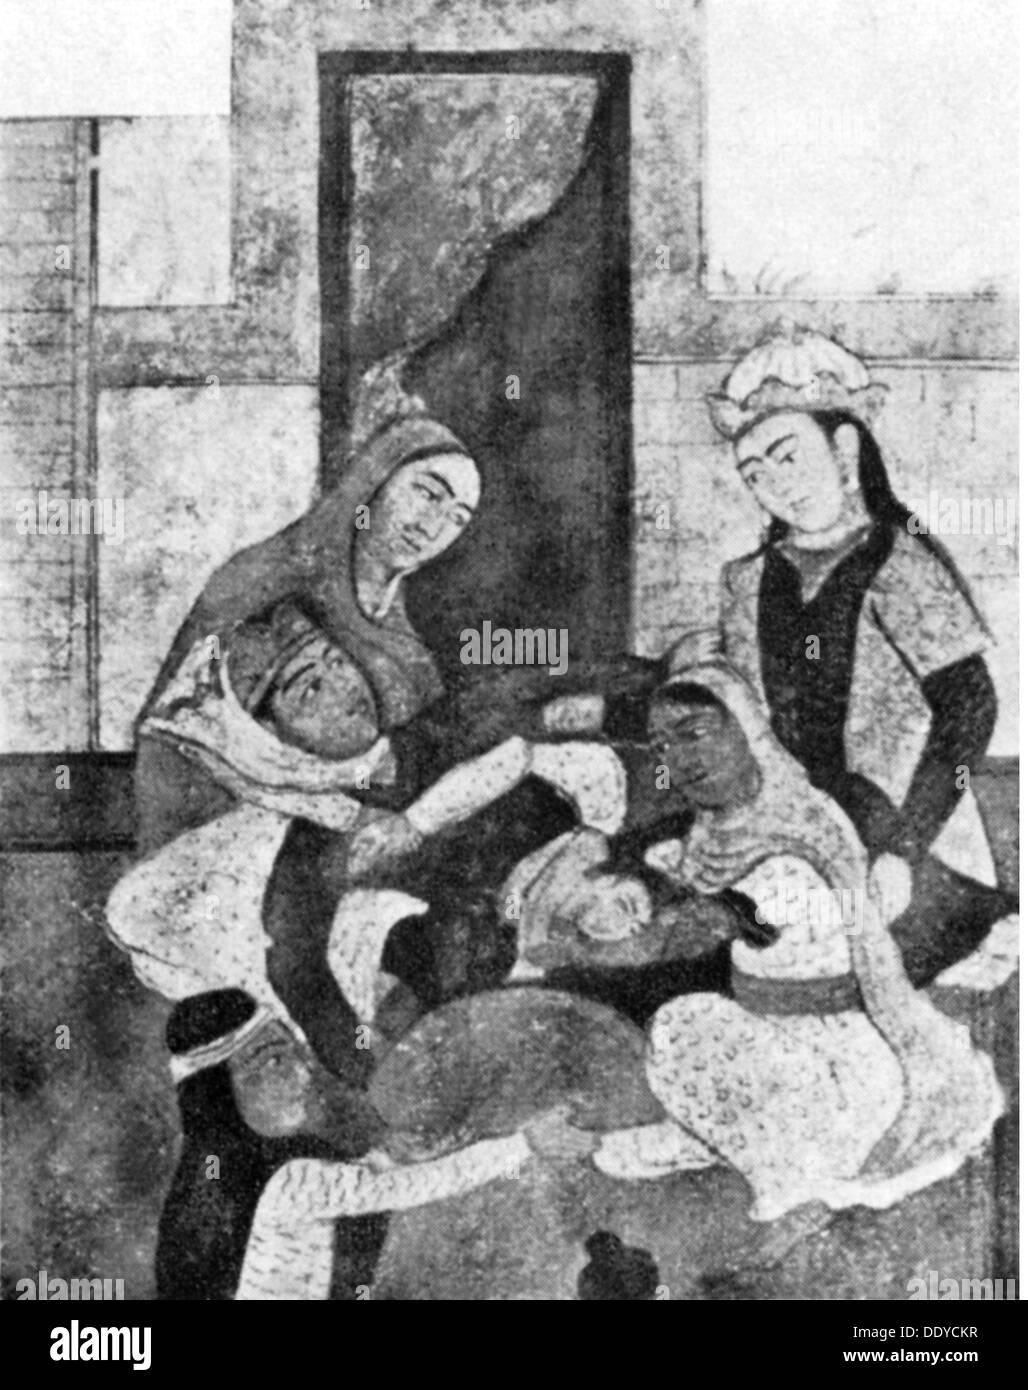 Naissance naissance gynécologie médecine / avec quatre sages-femmes à partir d'un dessin par oevre (940 / 941 Ferdowsi - 1020) de la perse vers 1000 AD Photo Stock